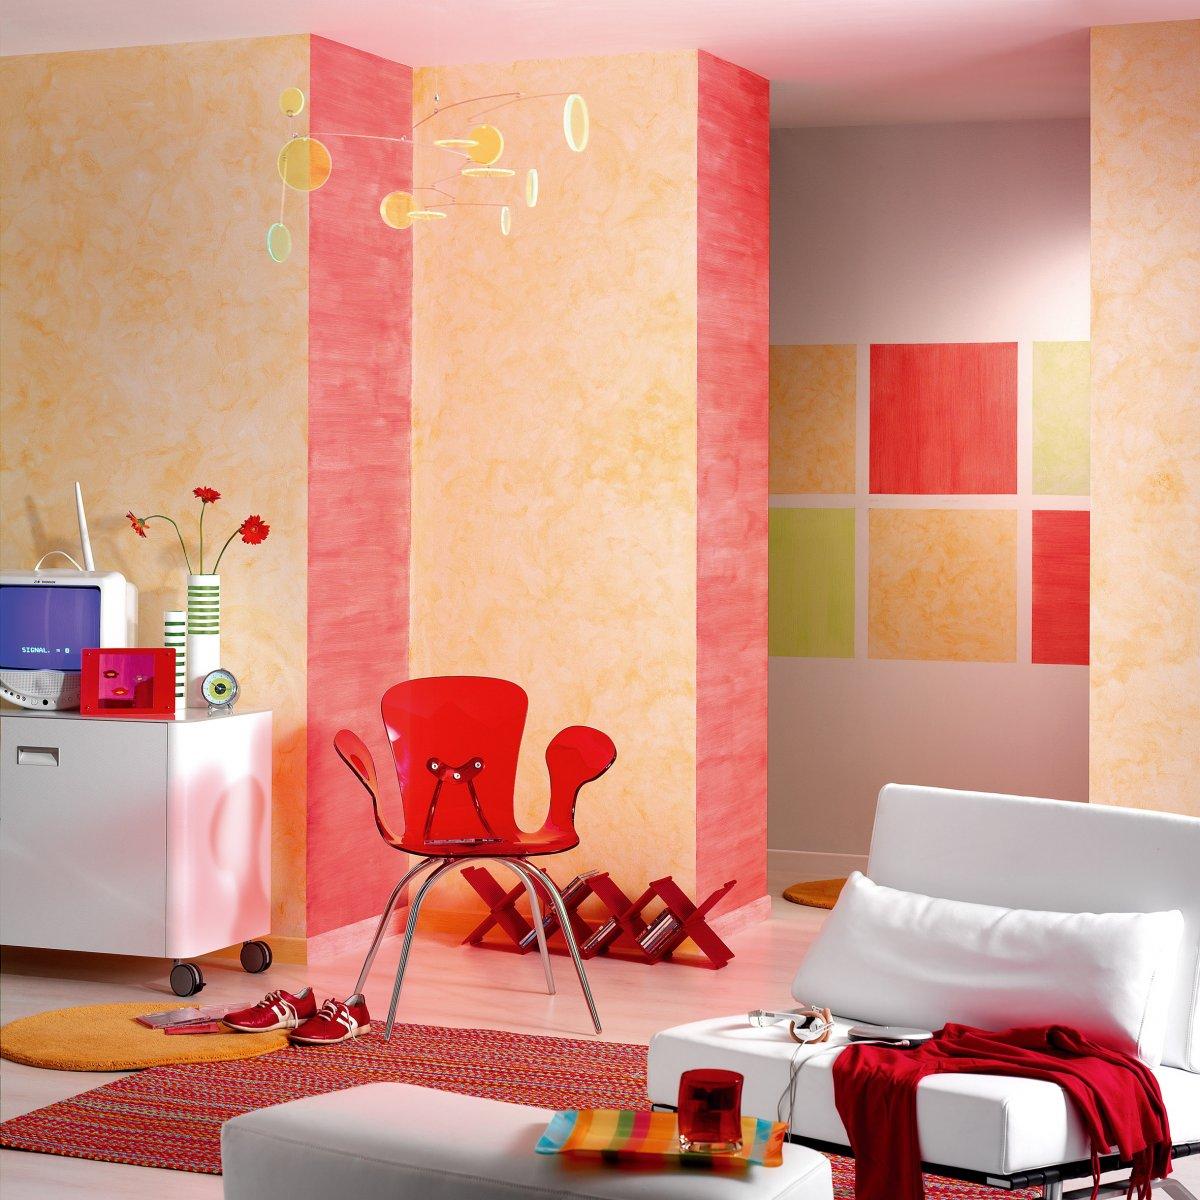 Paredes decoradas con formas geom tricas decoraci n de paredes con formas geom tricas - Decoracion paredes con fotos ...